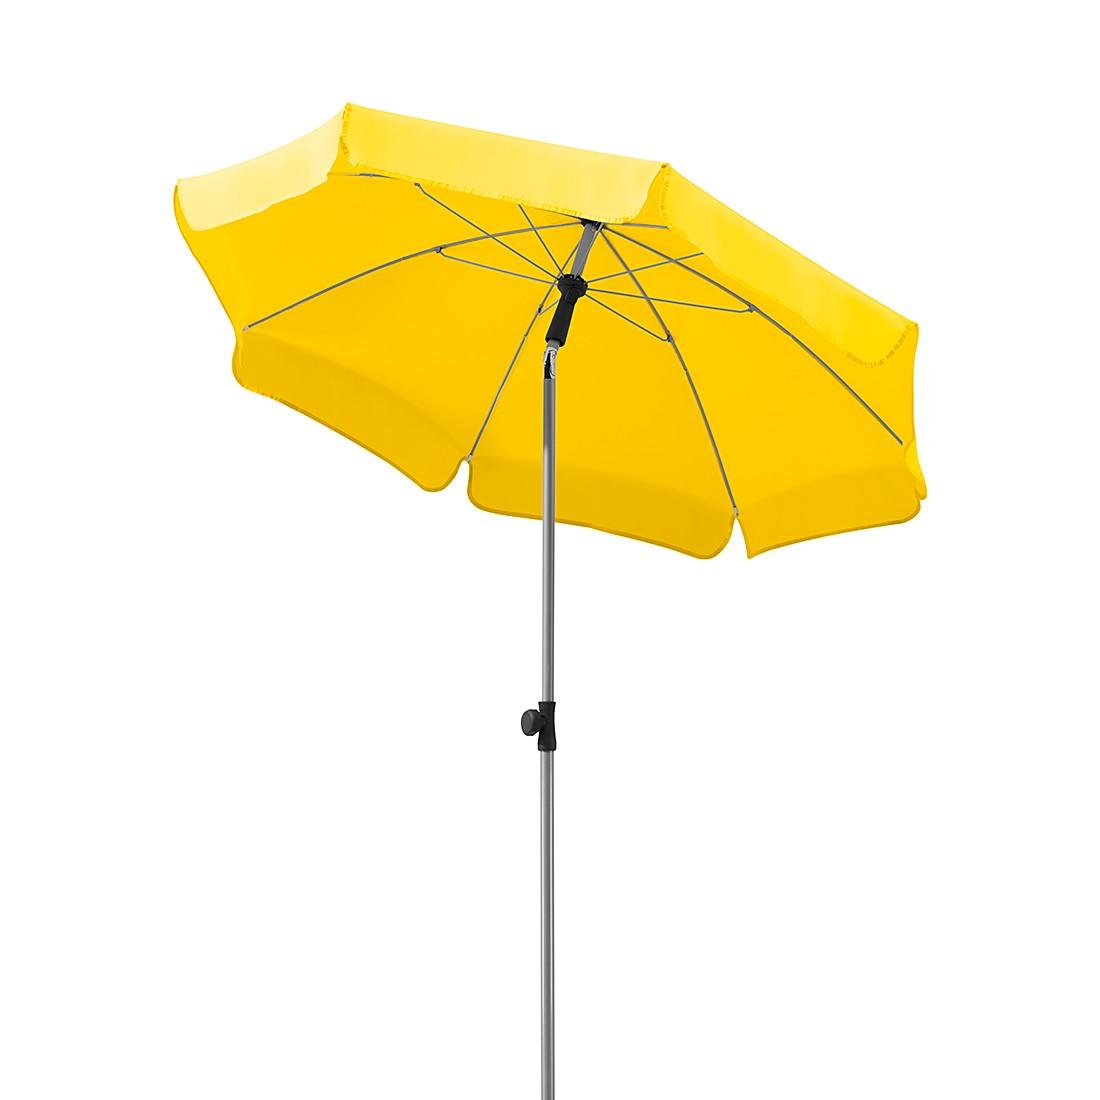 Lugano 150 Sonnenschirm - Stahl/Polyester - Silber/Zitrus, Schneider Schirme